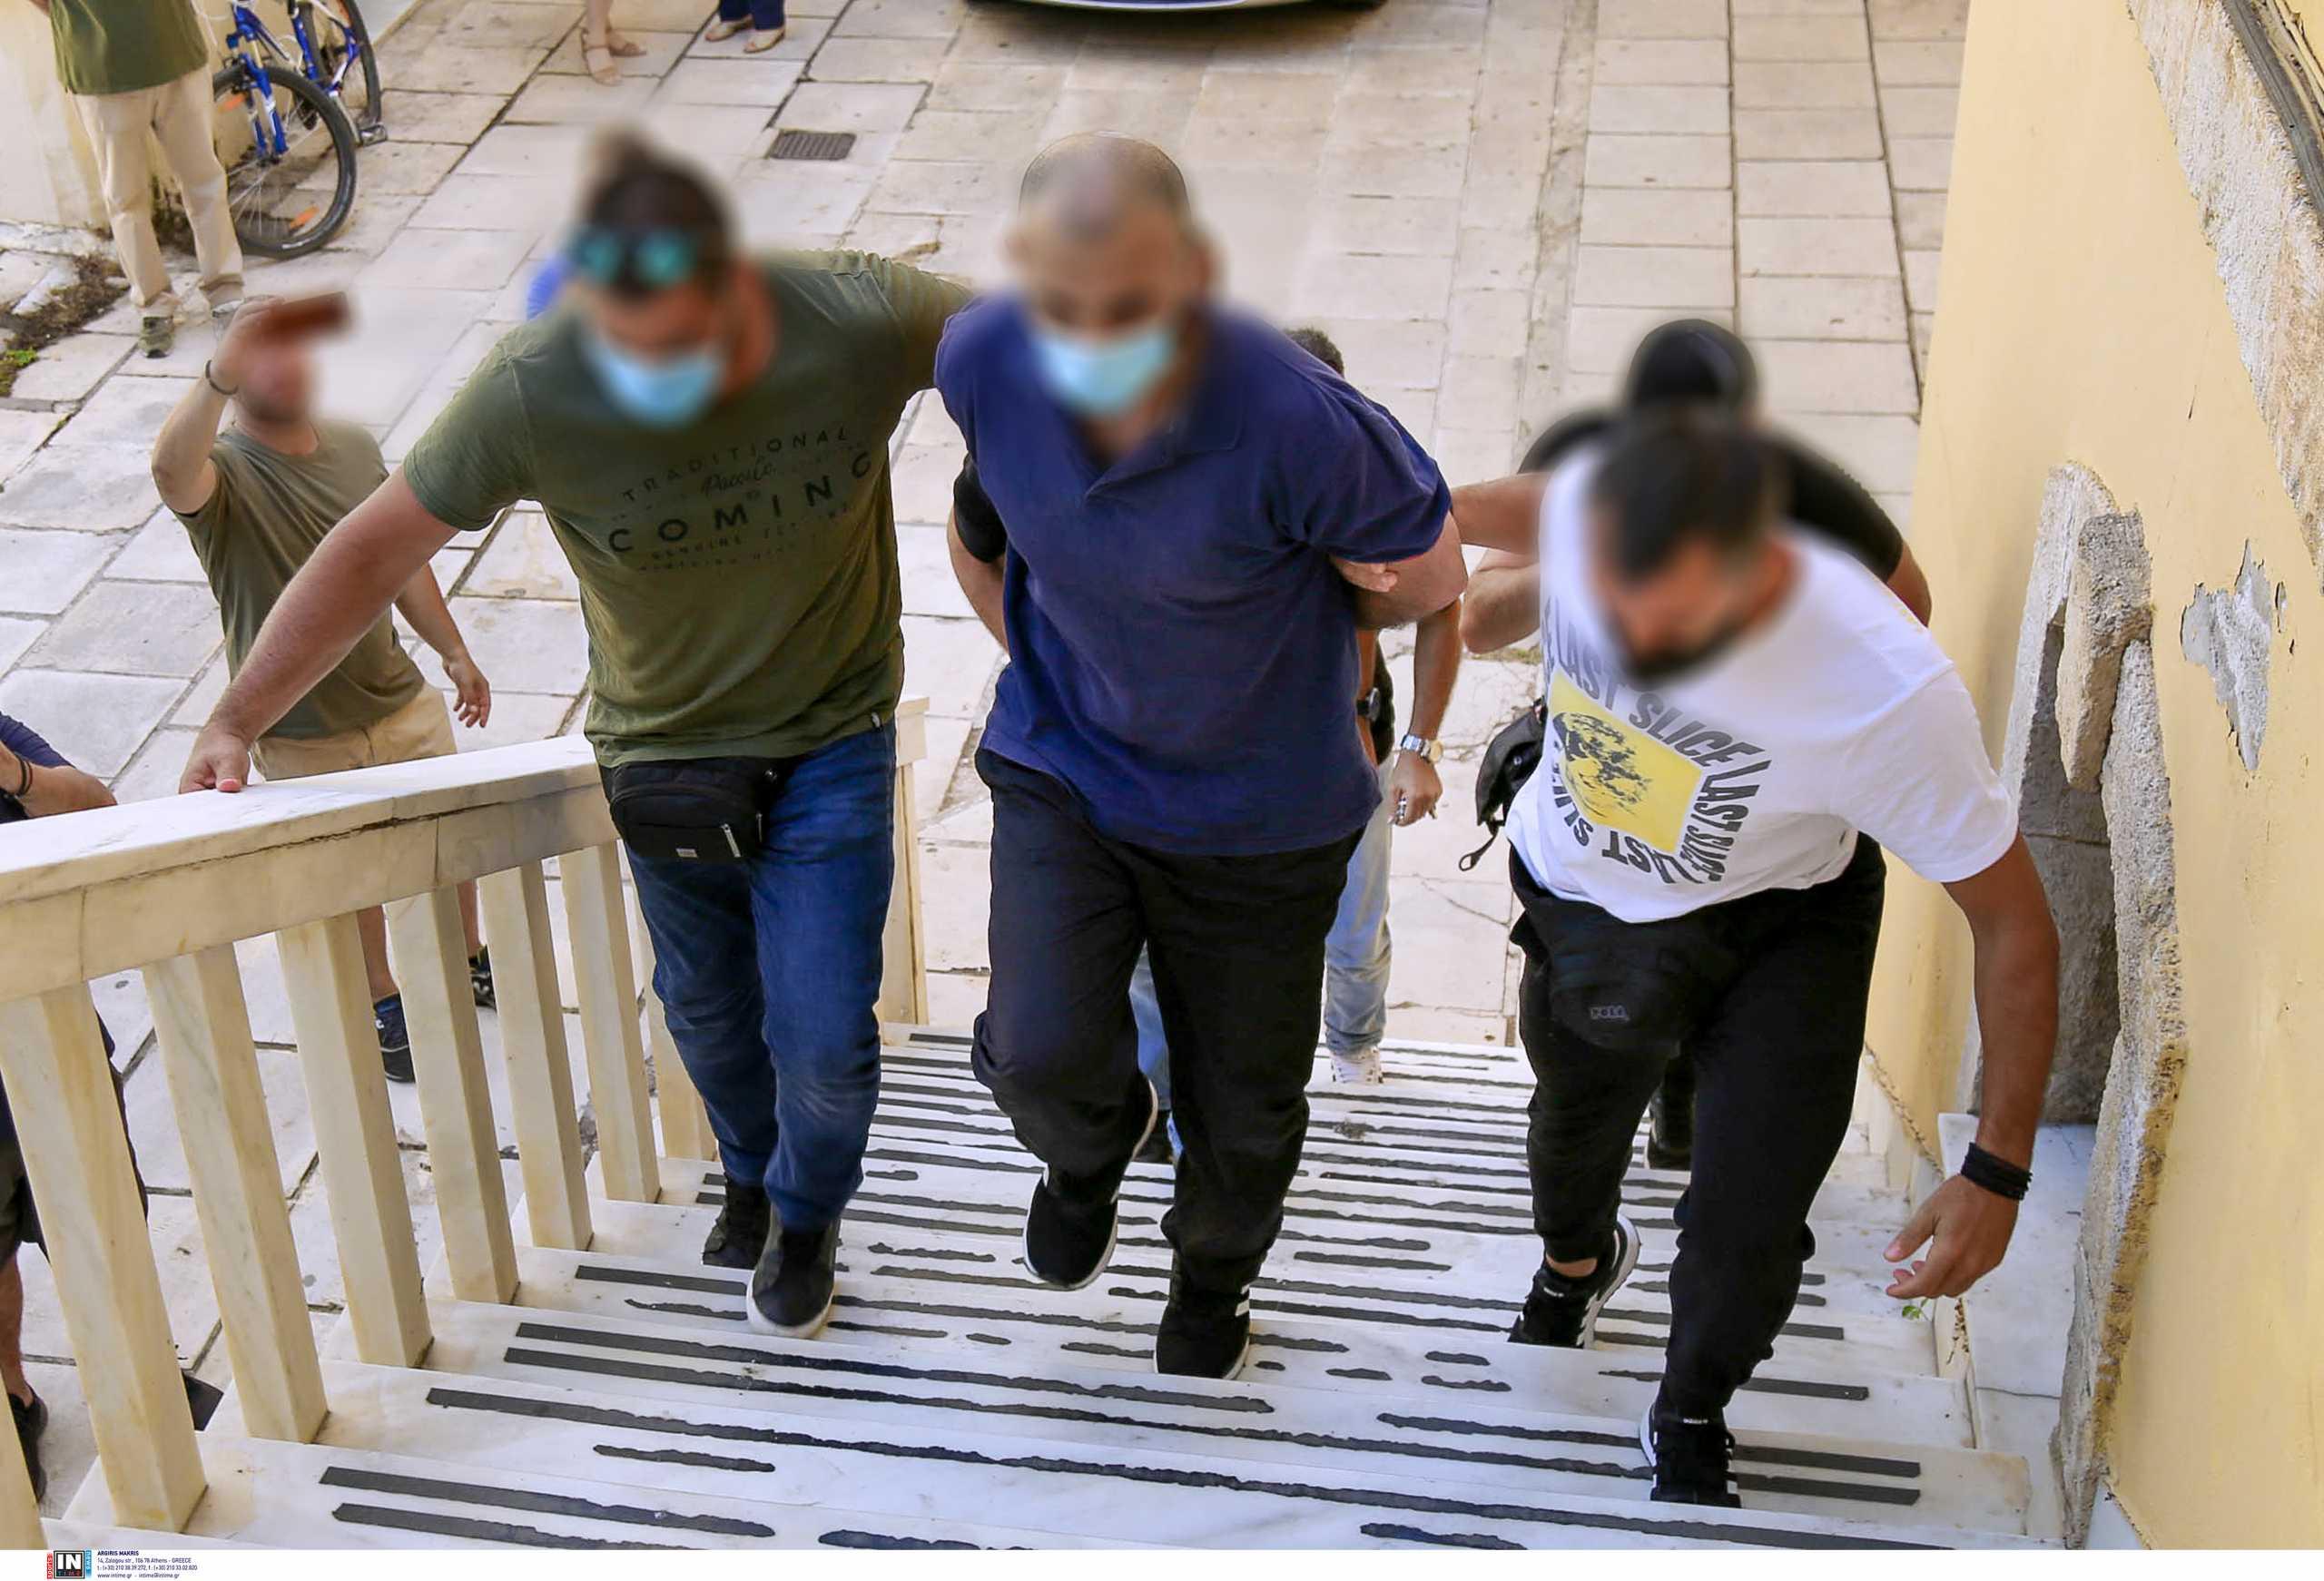 Κρήτη: Προθεσμία για να απολογηθεί πήρε ο δολοφόνος του Σεργιανόπουλου που σκότωσε συγκρατούμενό του (pics, vid)